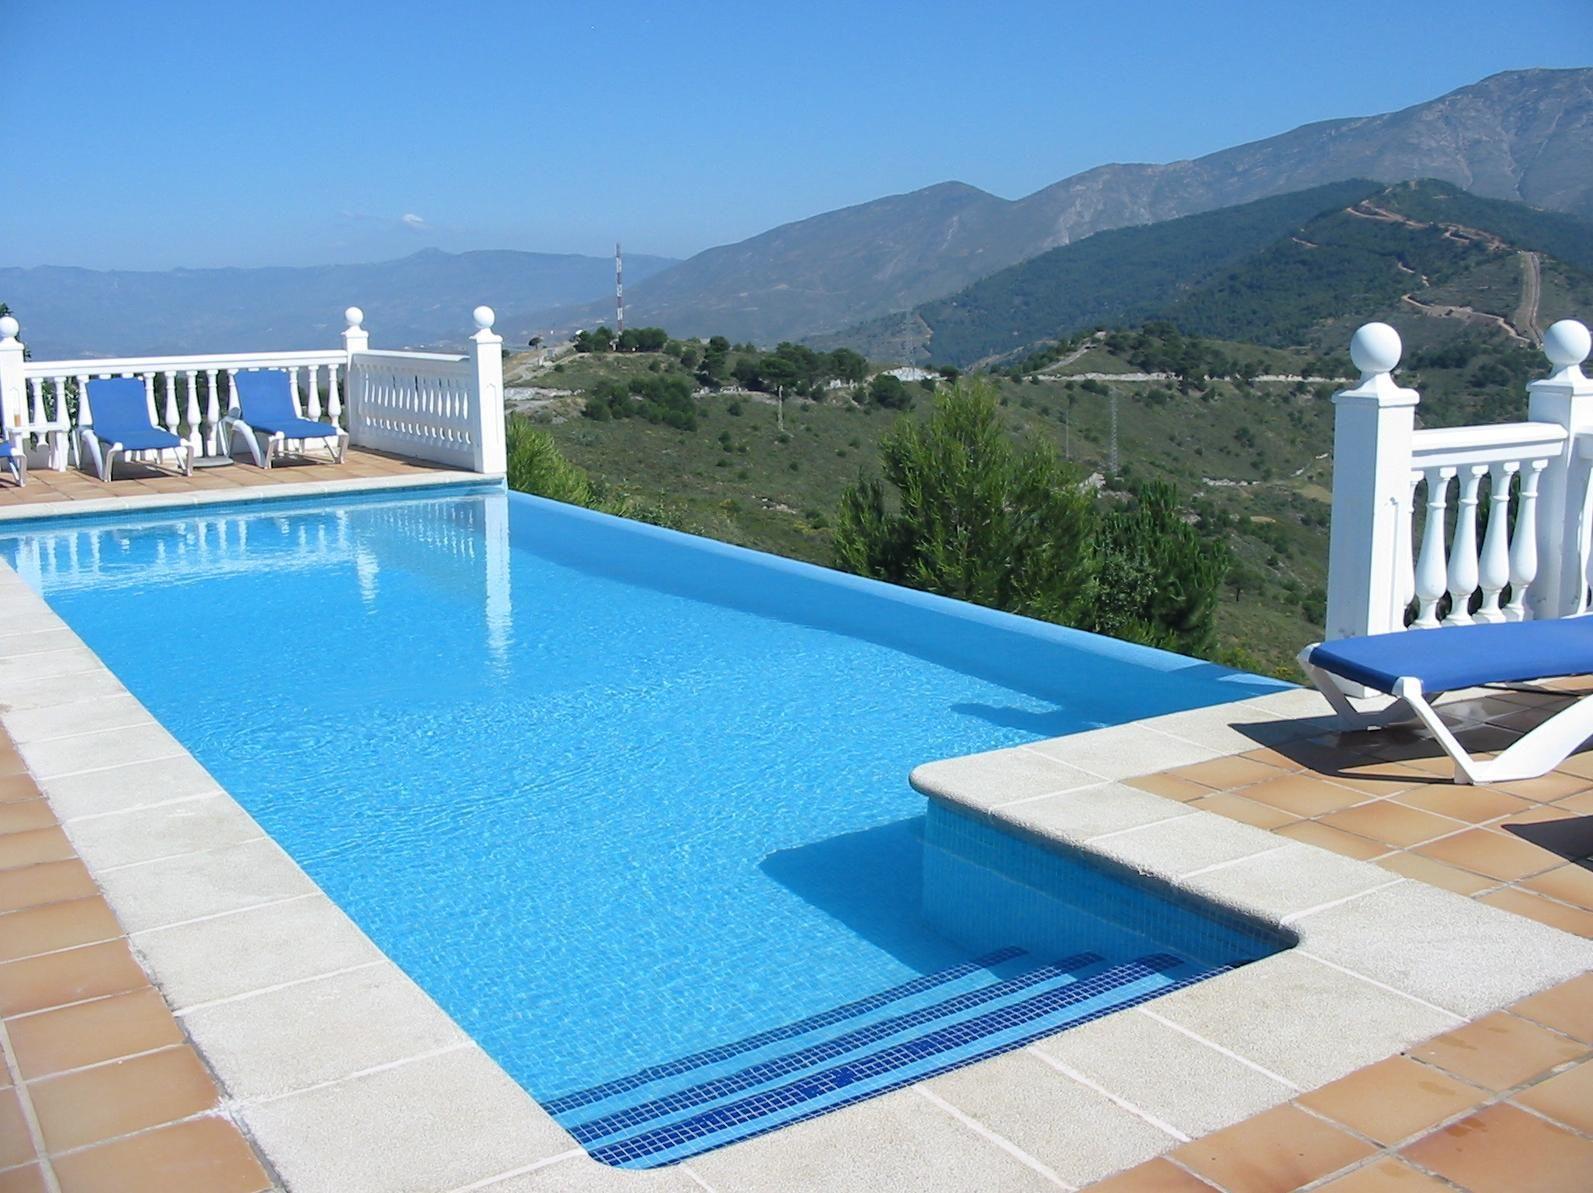 fotos de piscinas (instalación y mantenimiento) en esplugues de